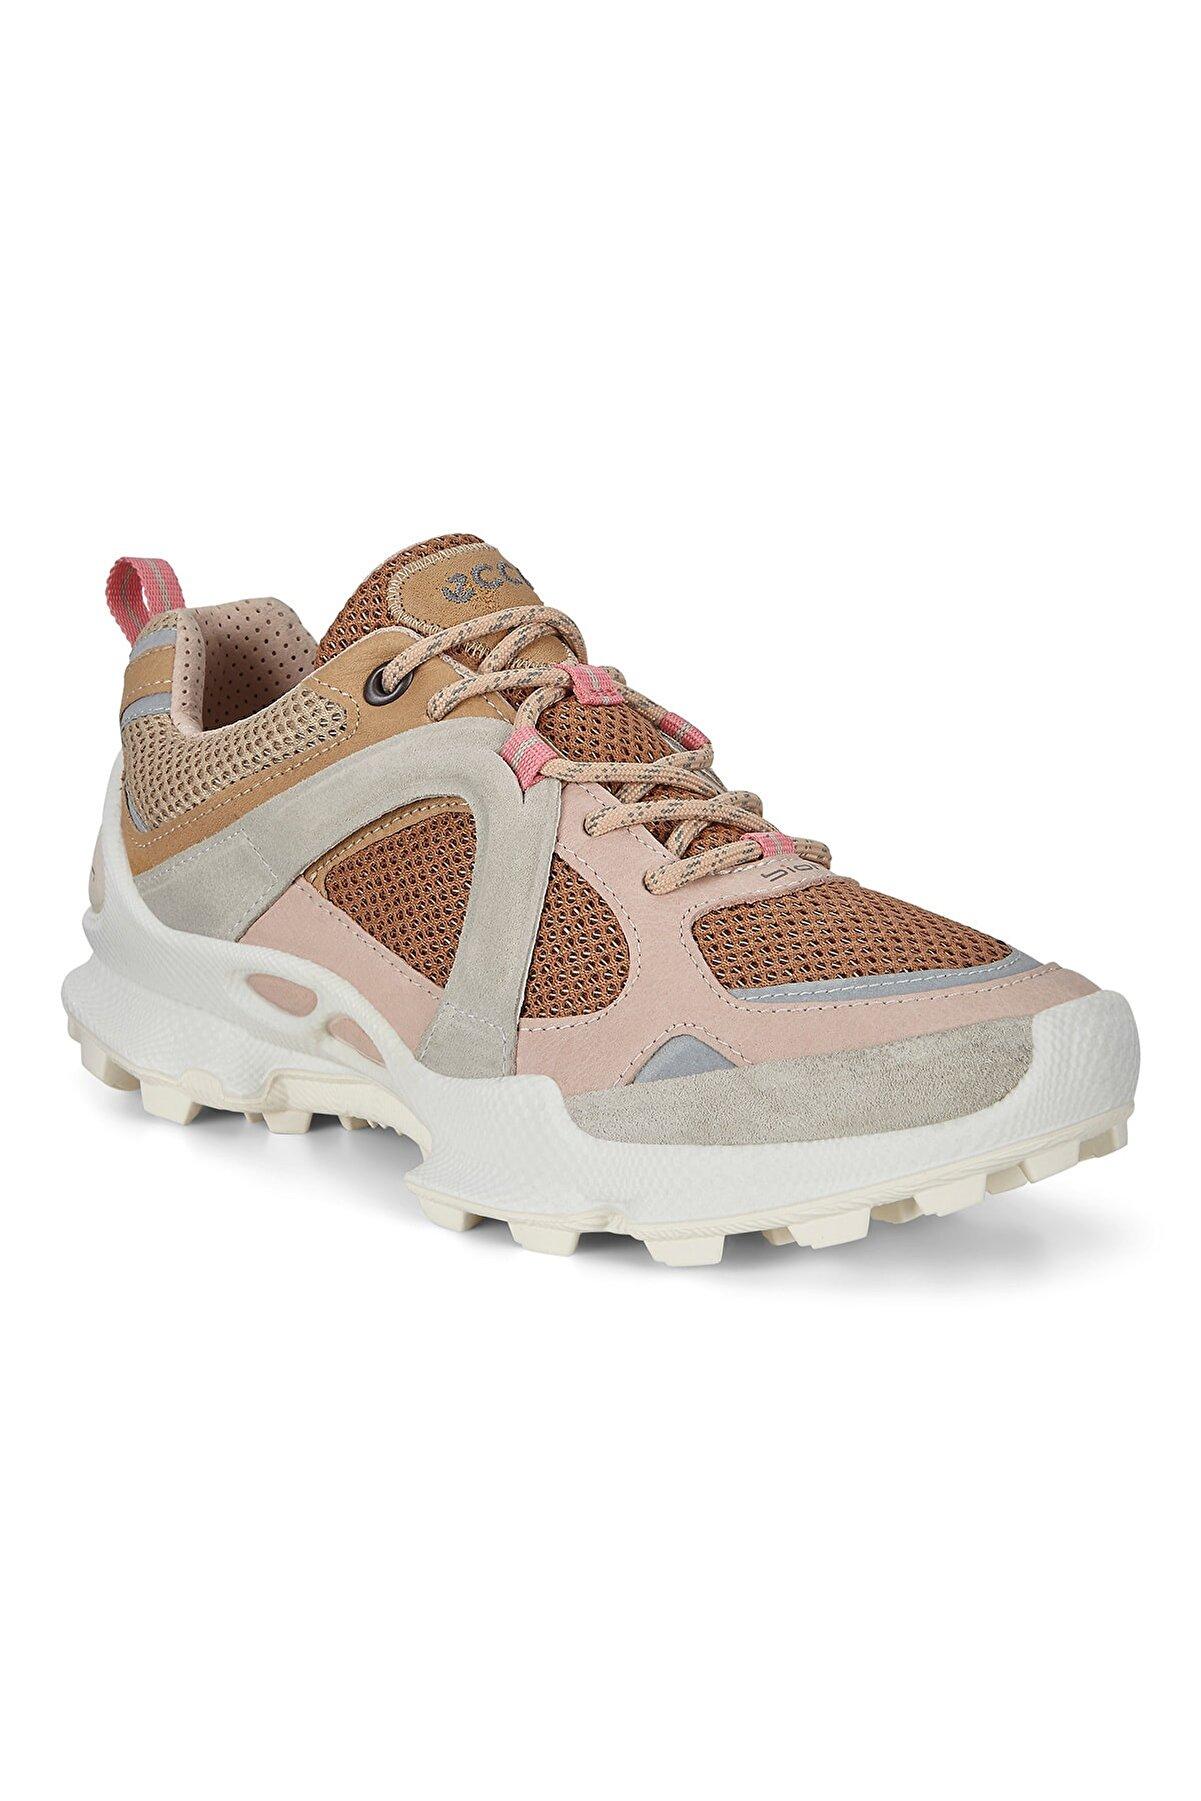 Ecco Kahverengi Kadın Biom C-Trail W Multicolor Cashmere Outdoor Ayakkabı 803103